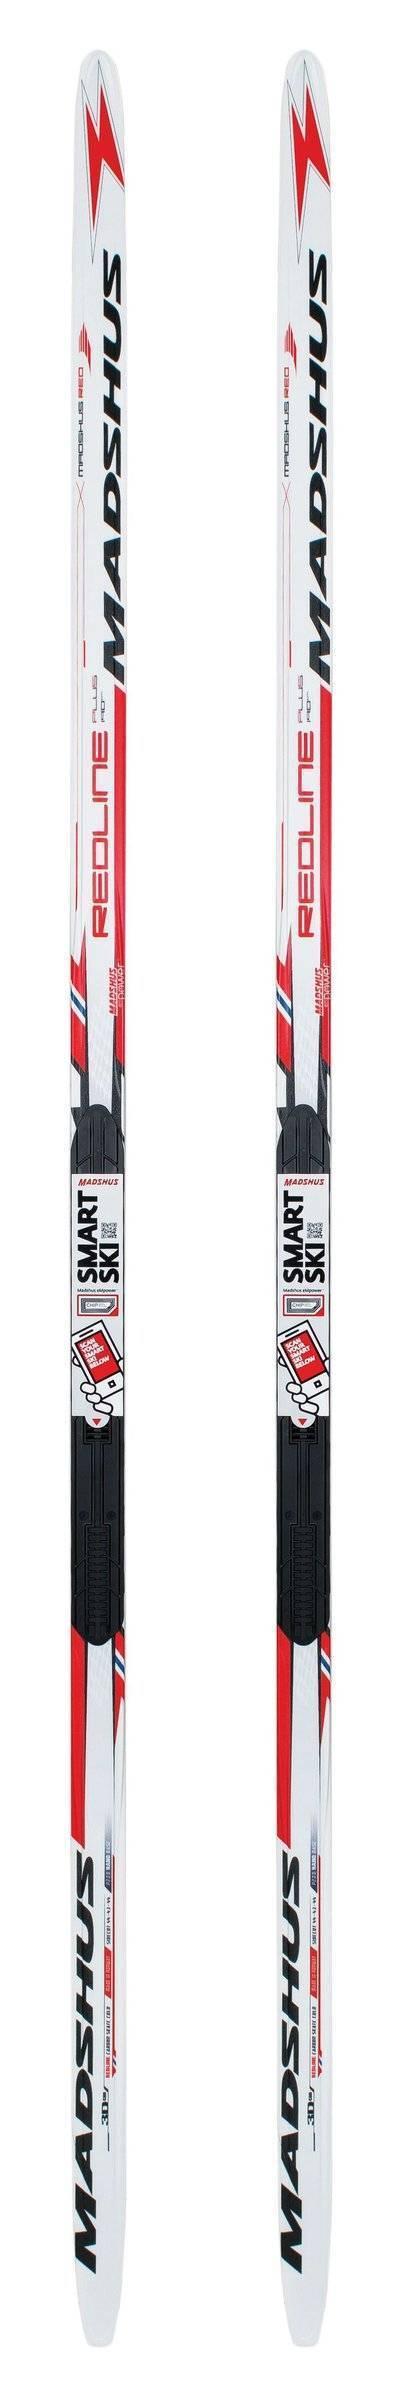 купить беговые лыжи мадшус возможности своевременной